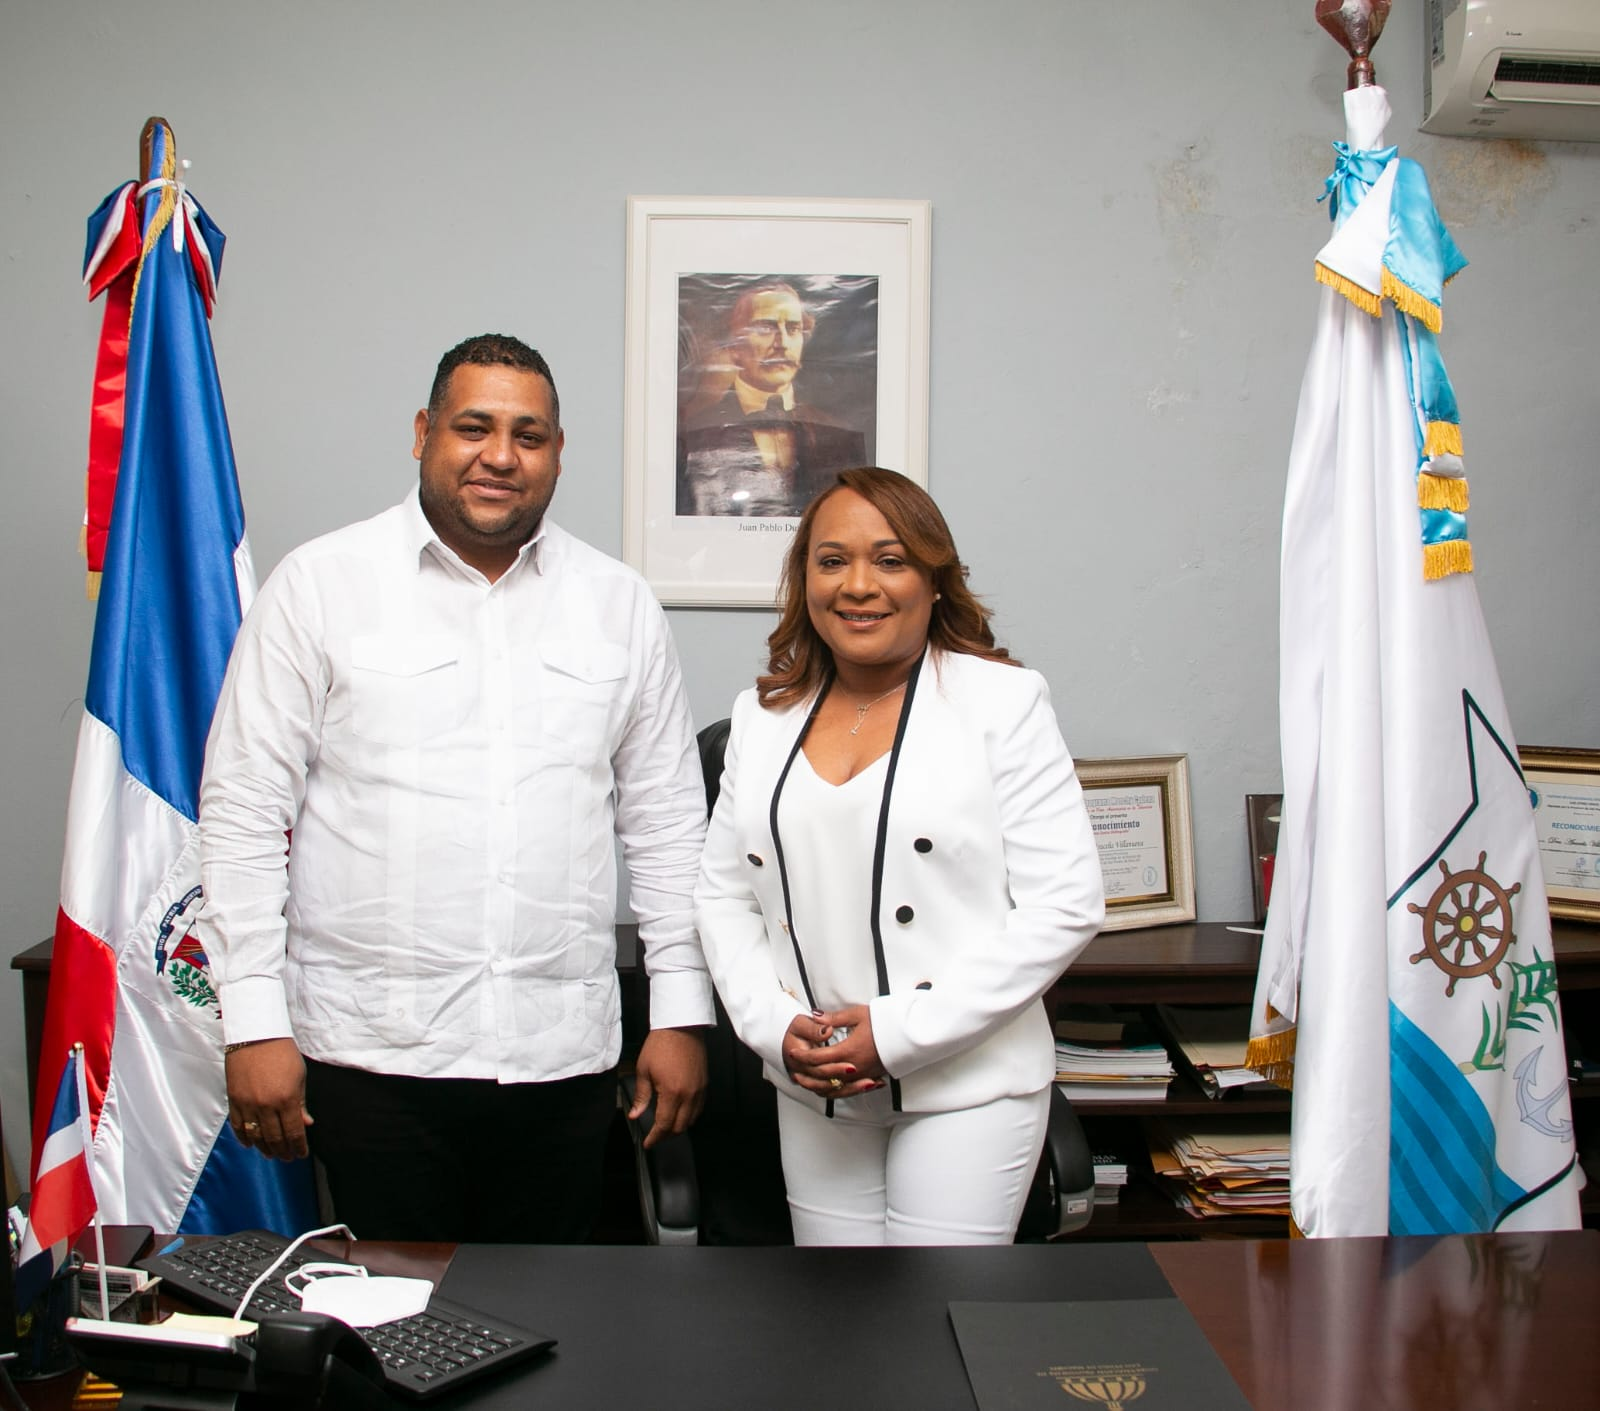 Alcalde Raymundo Ortiz resalta primer año de gestión de gobernadora Aracelis Villanueva